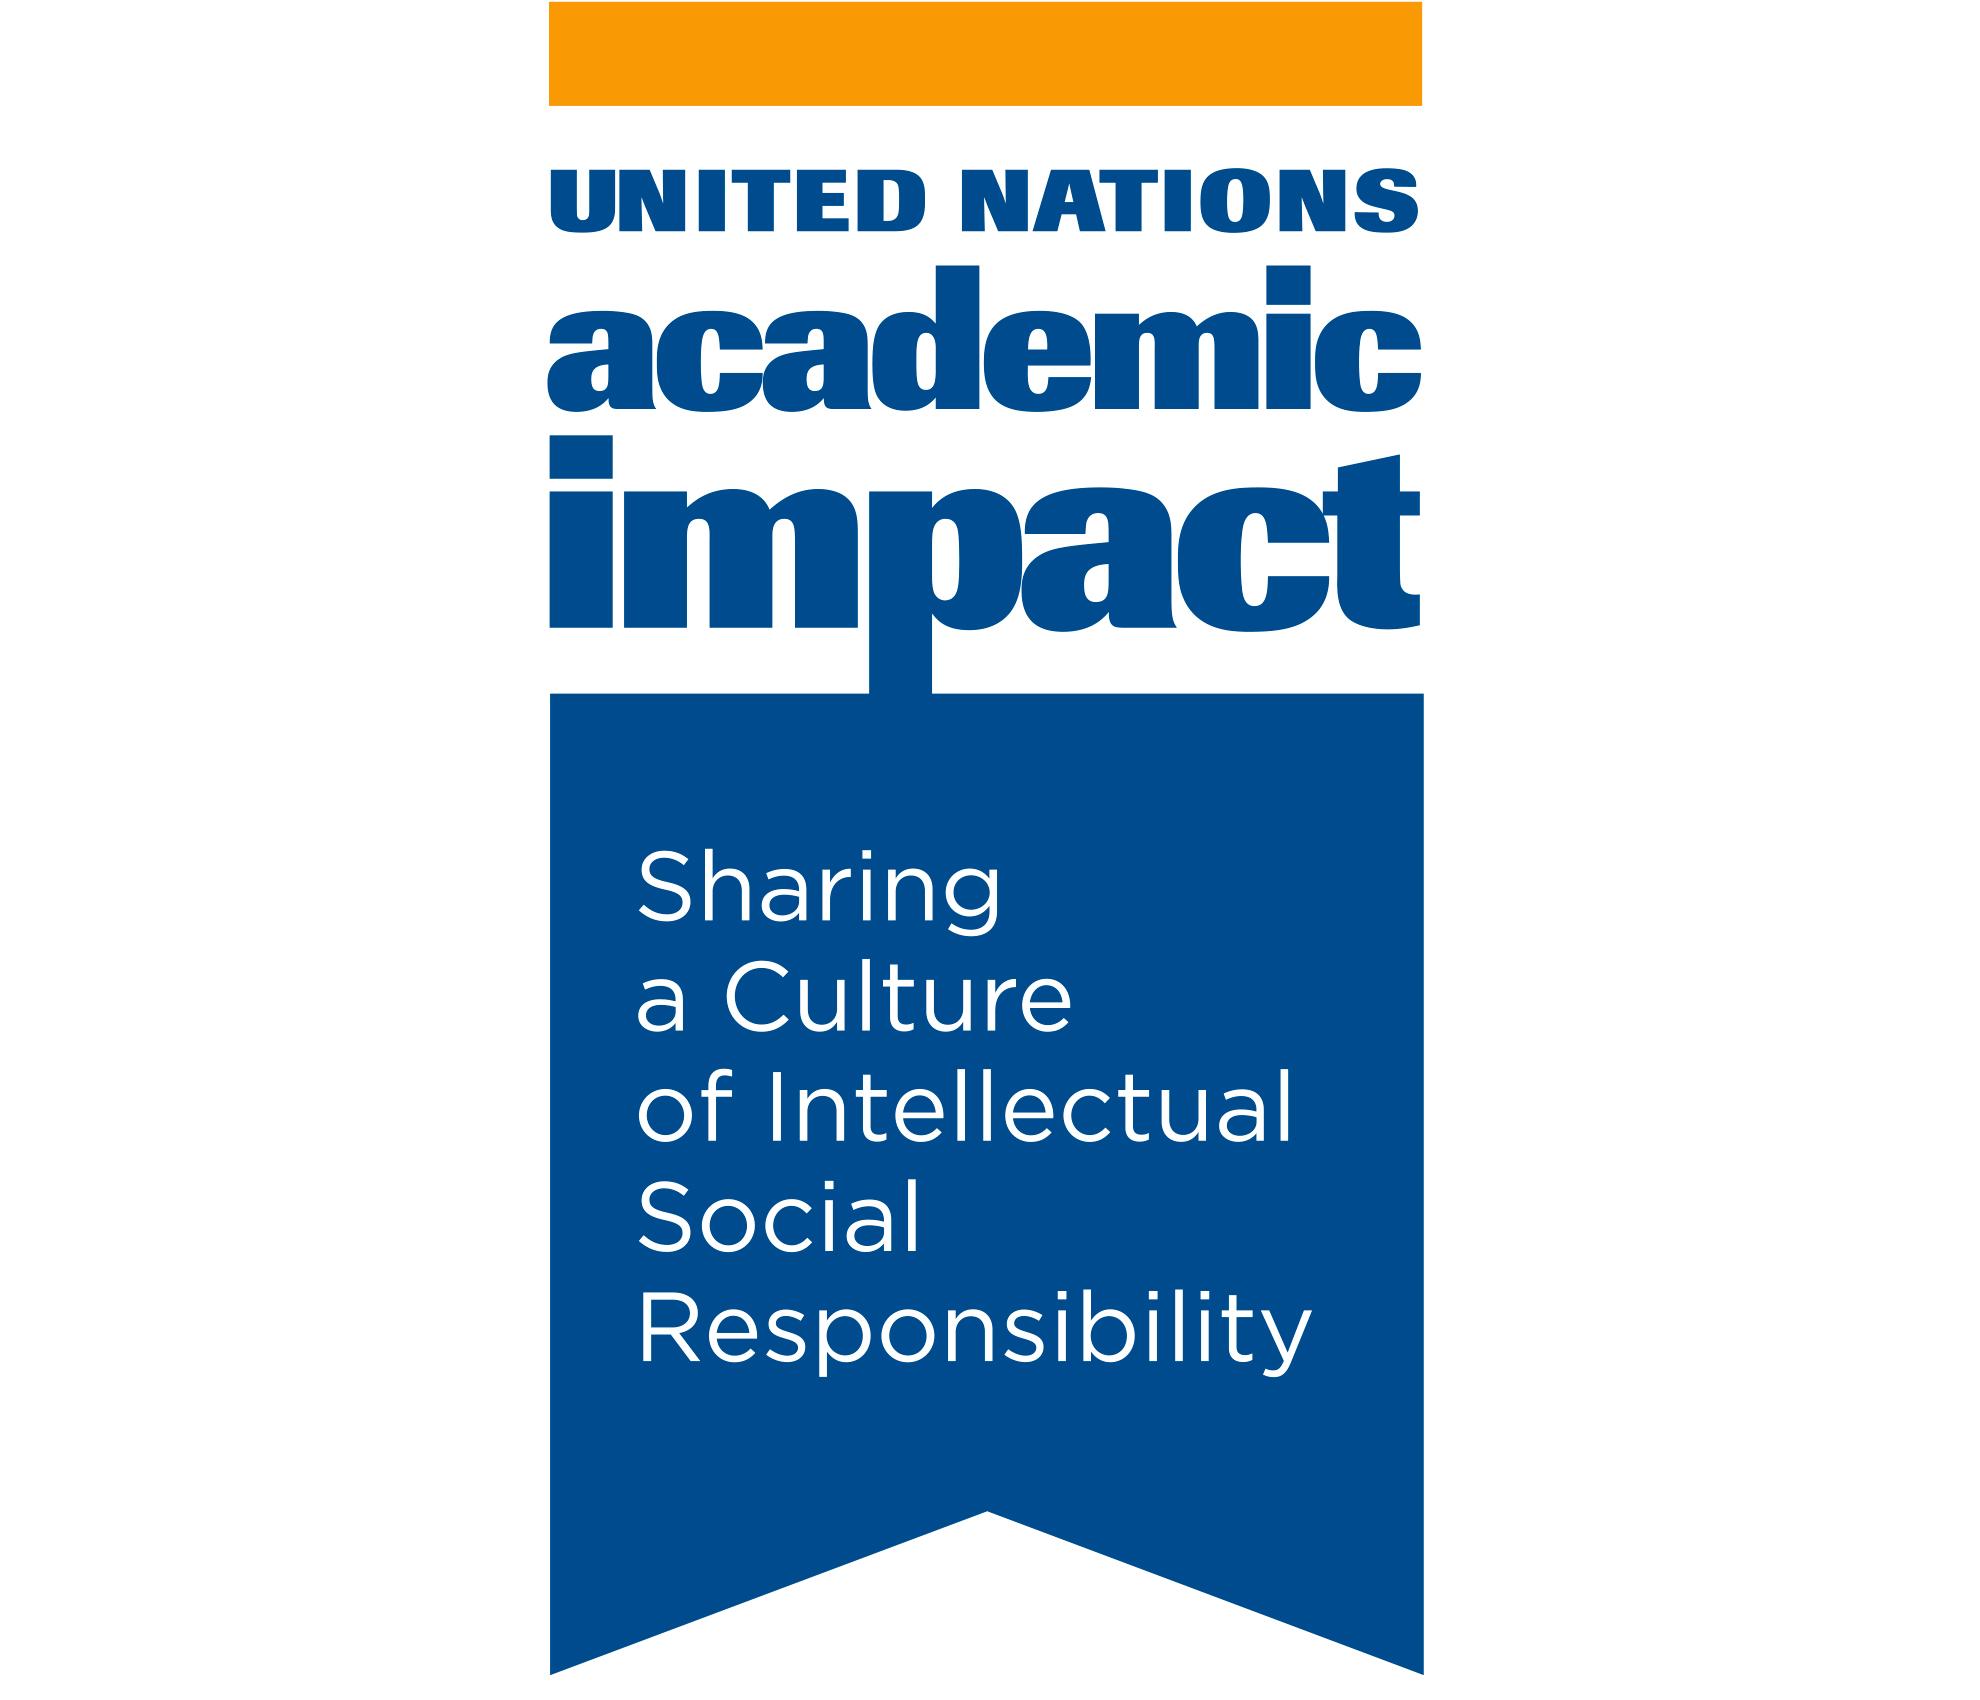 UTEC se incorpora a la iniciativa Impacto Académico de las Naciones Unidas